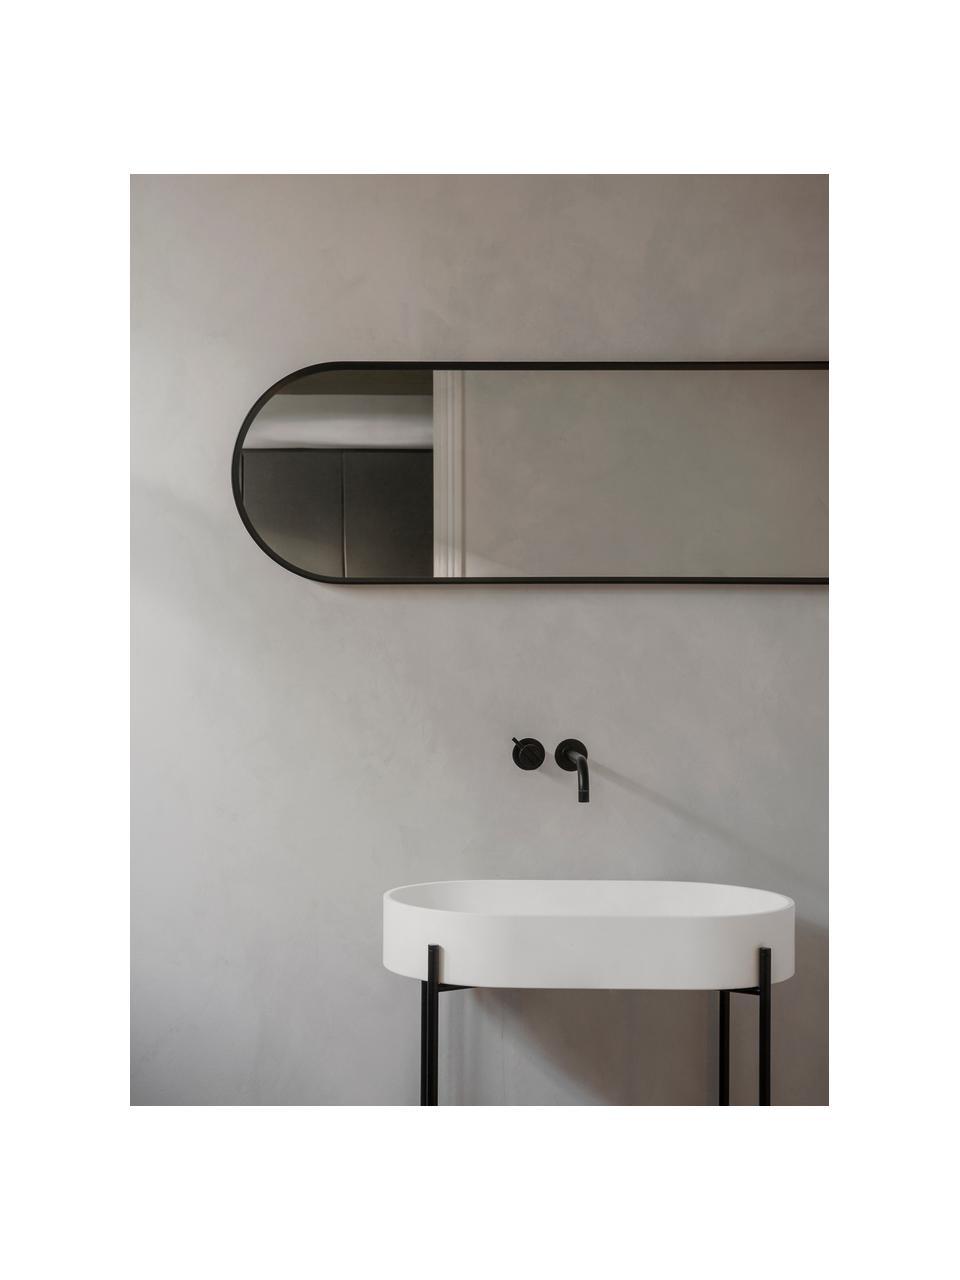 Ovaler Wandspiegel Norm mit schwarzem Aluminiumrahmen, Rahmen: Aluminium, pulverbeschich, Spiegelfläche: Spiegelglas, Schwarz, 40 x 130 cm